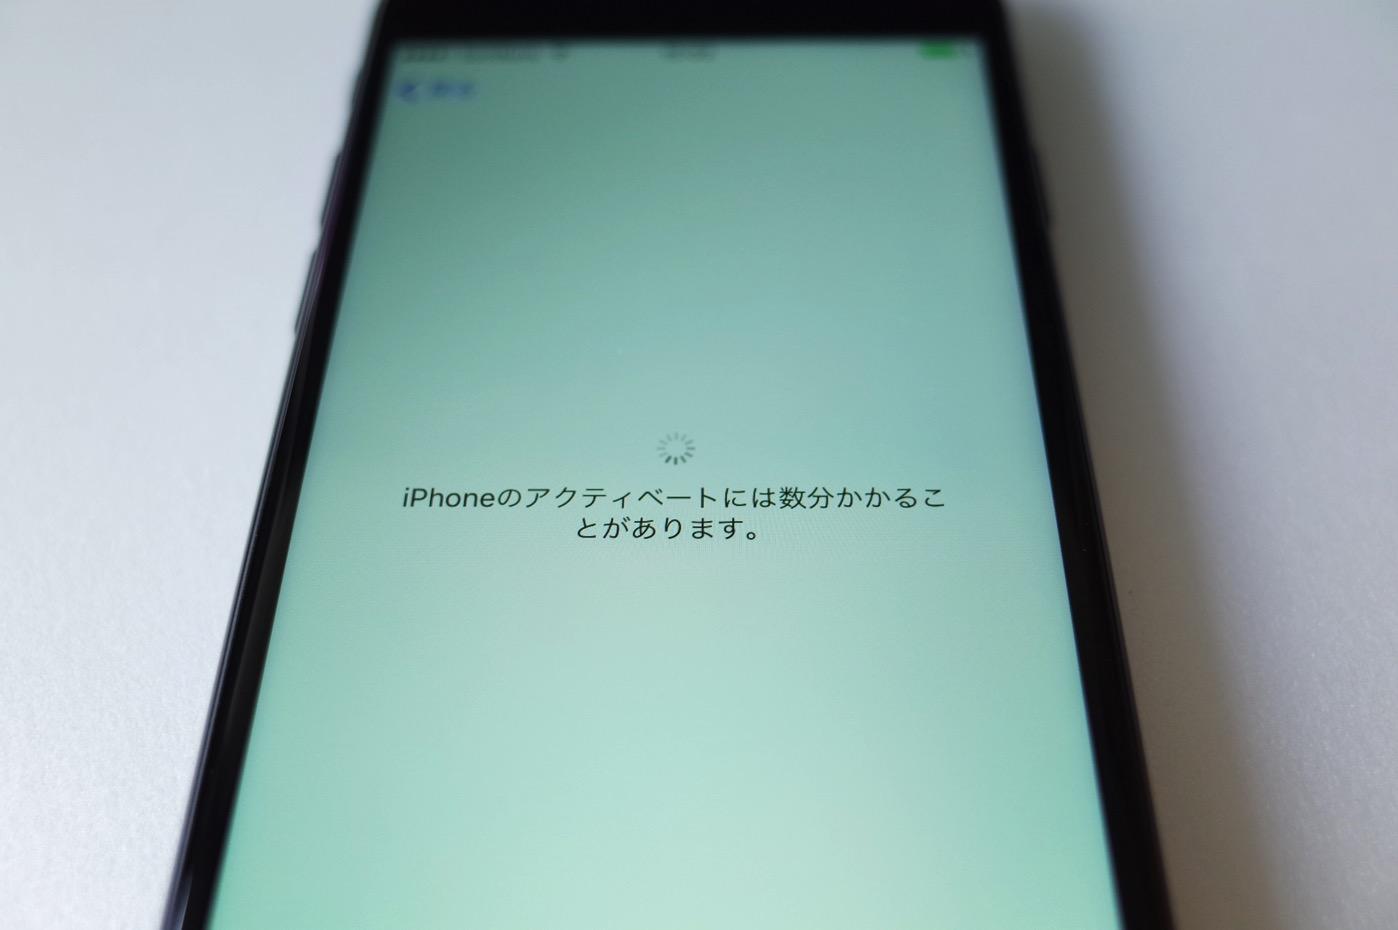 iPhone 7 ジェットブラック 256GB-11